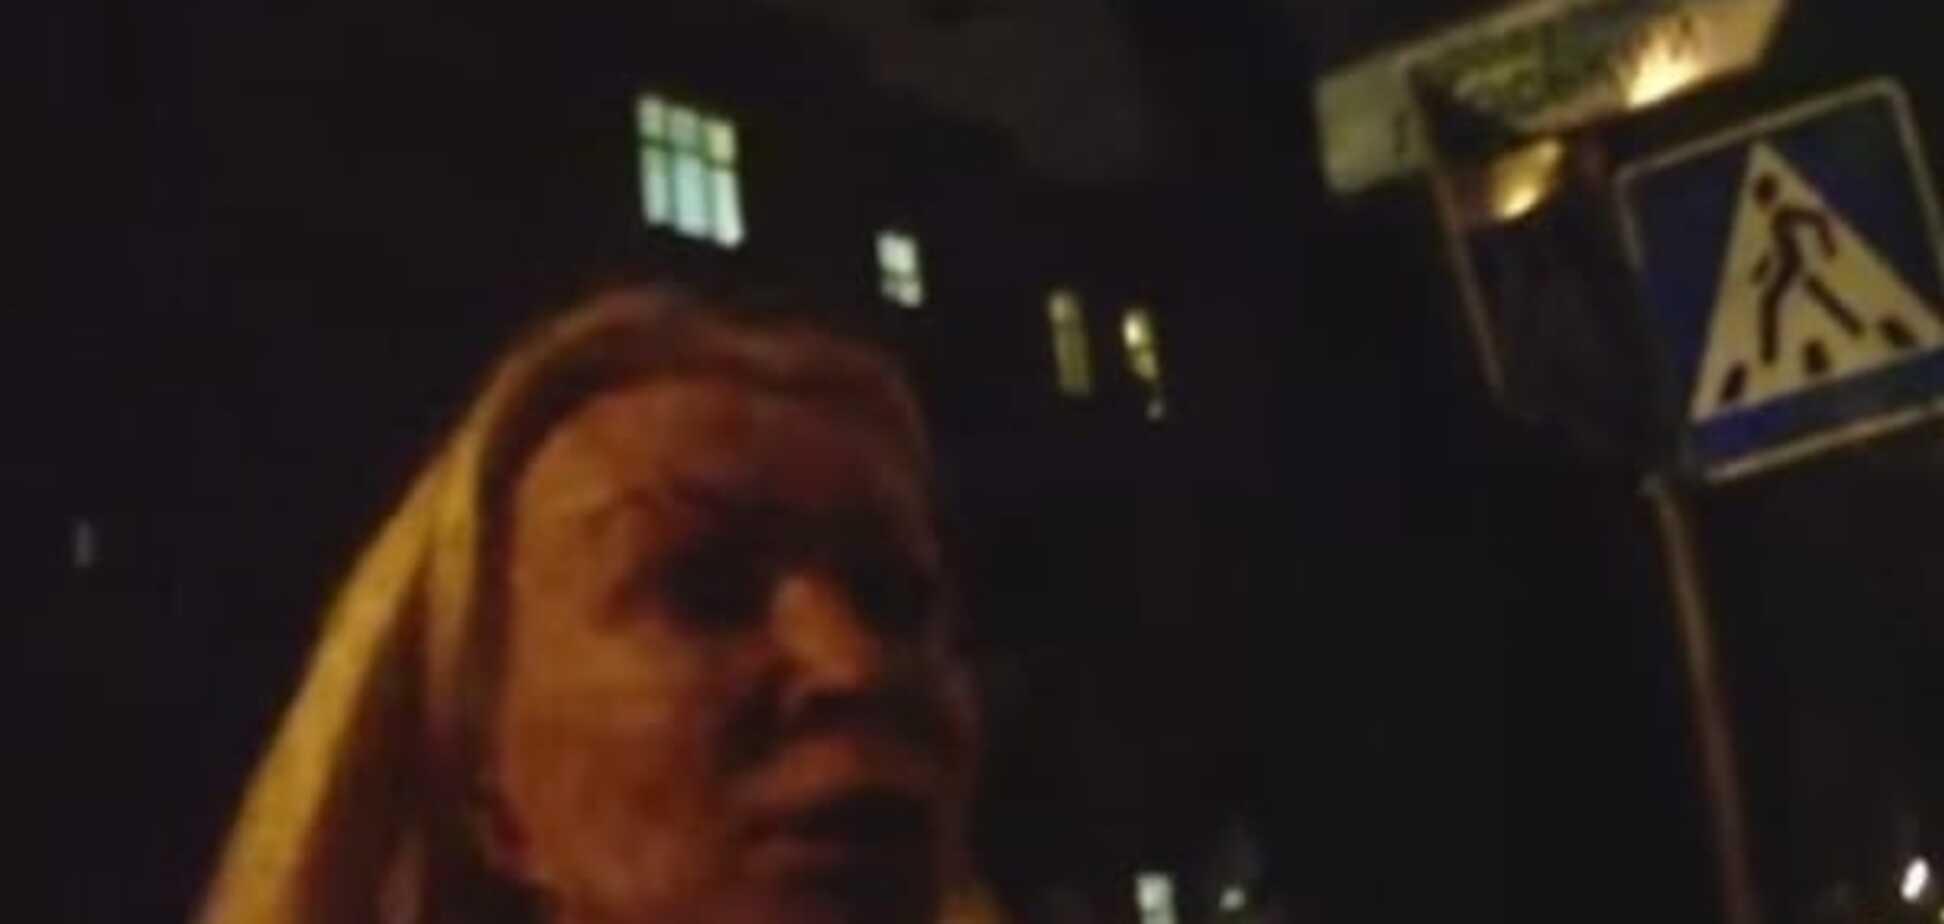 И буду нарушать: в Киеве блондинка из джипа устроила полицейским истерику